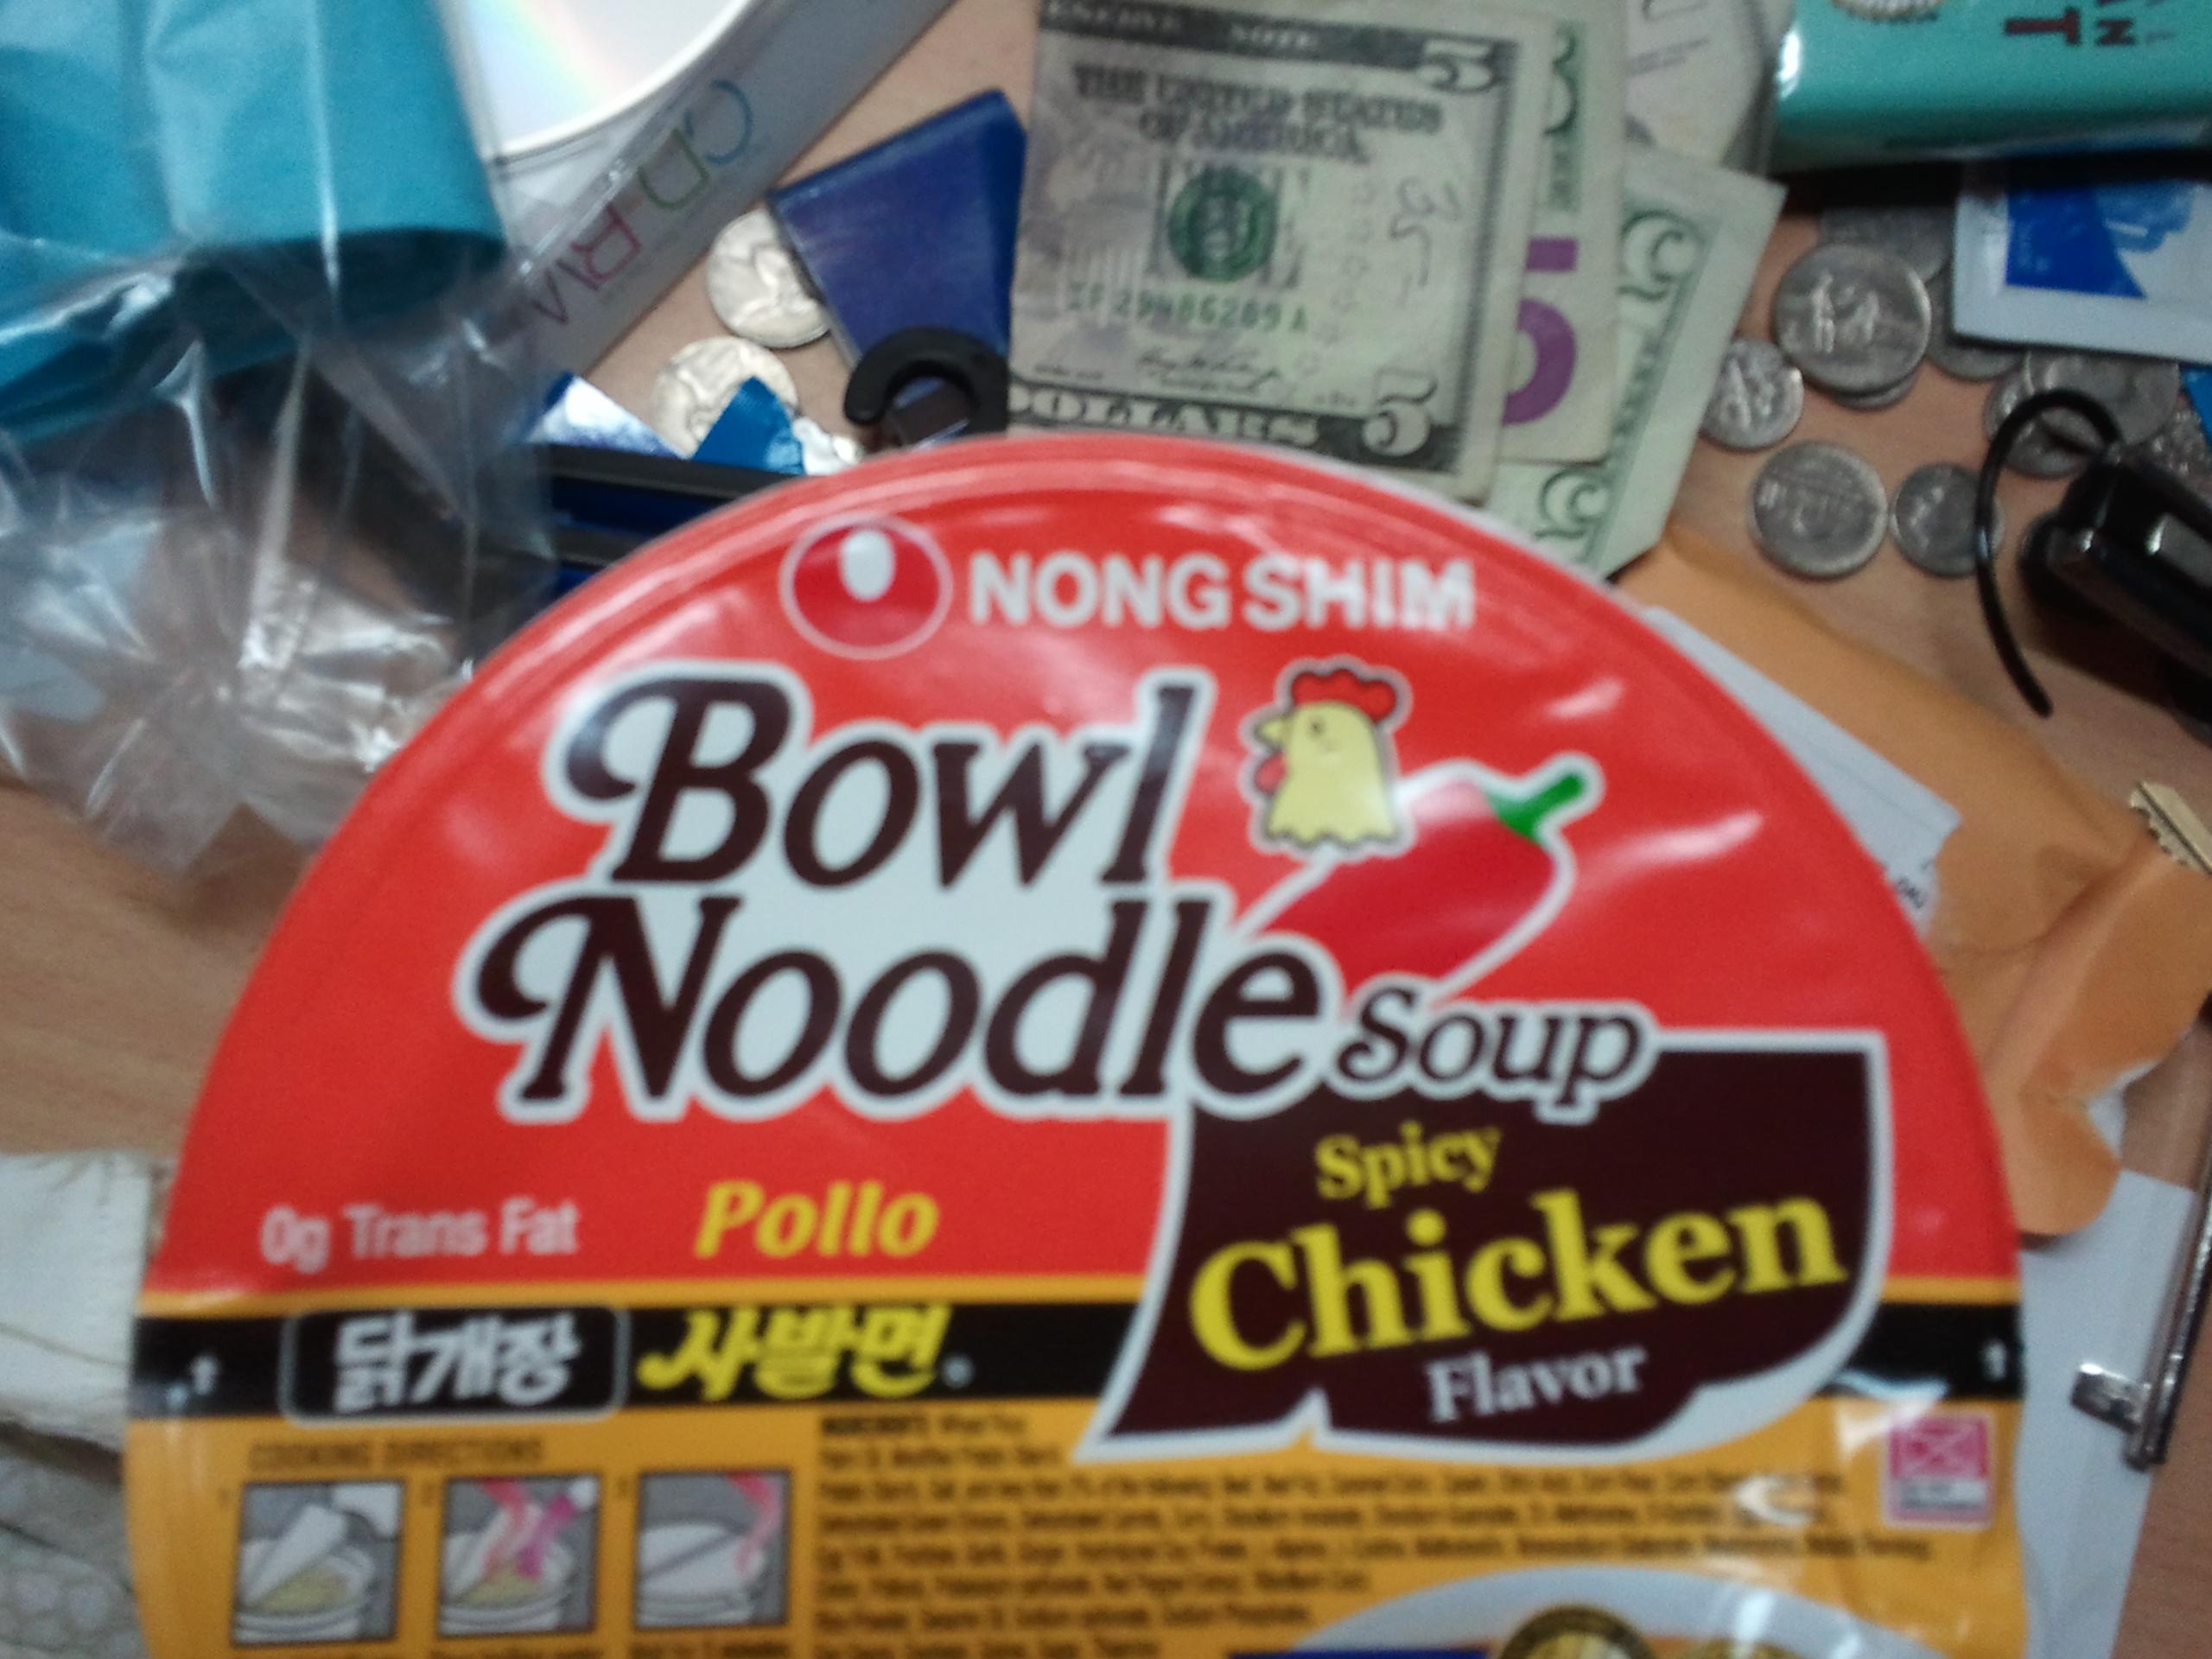 Nong Shim bowl noodle